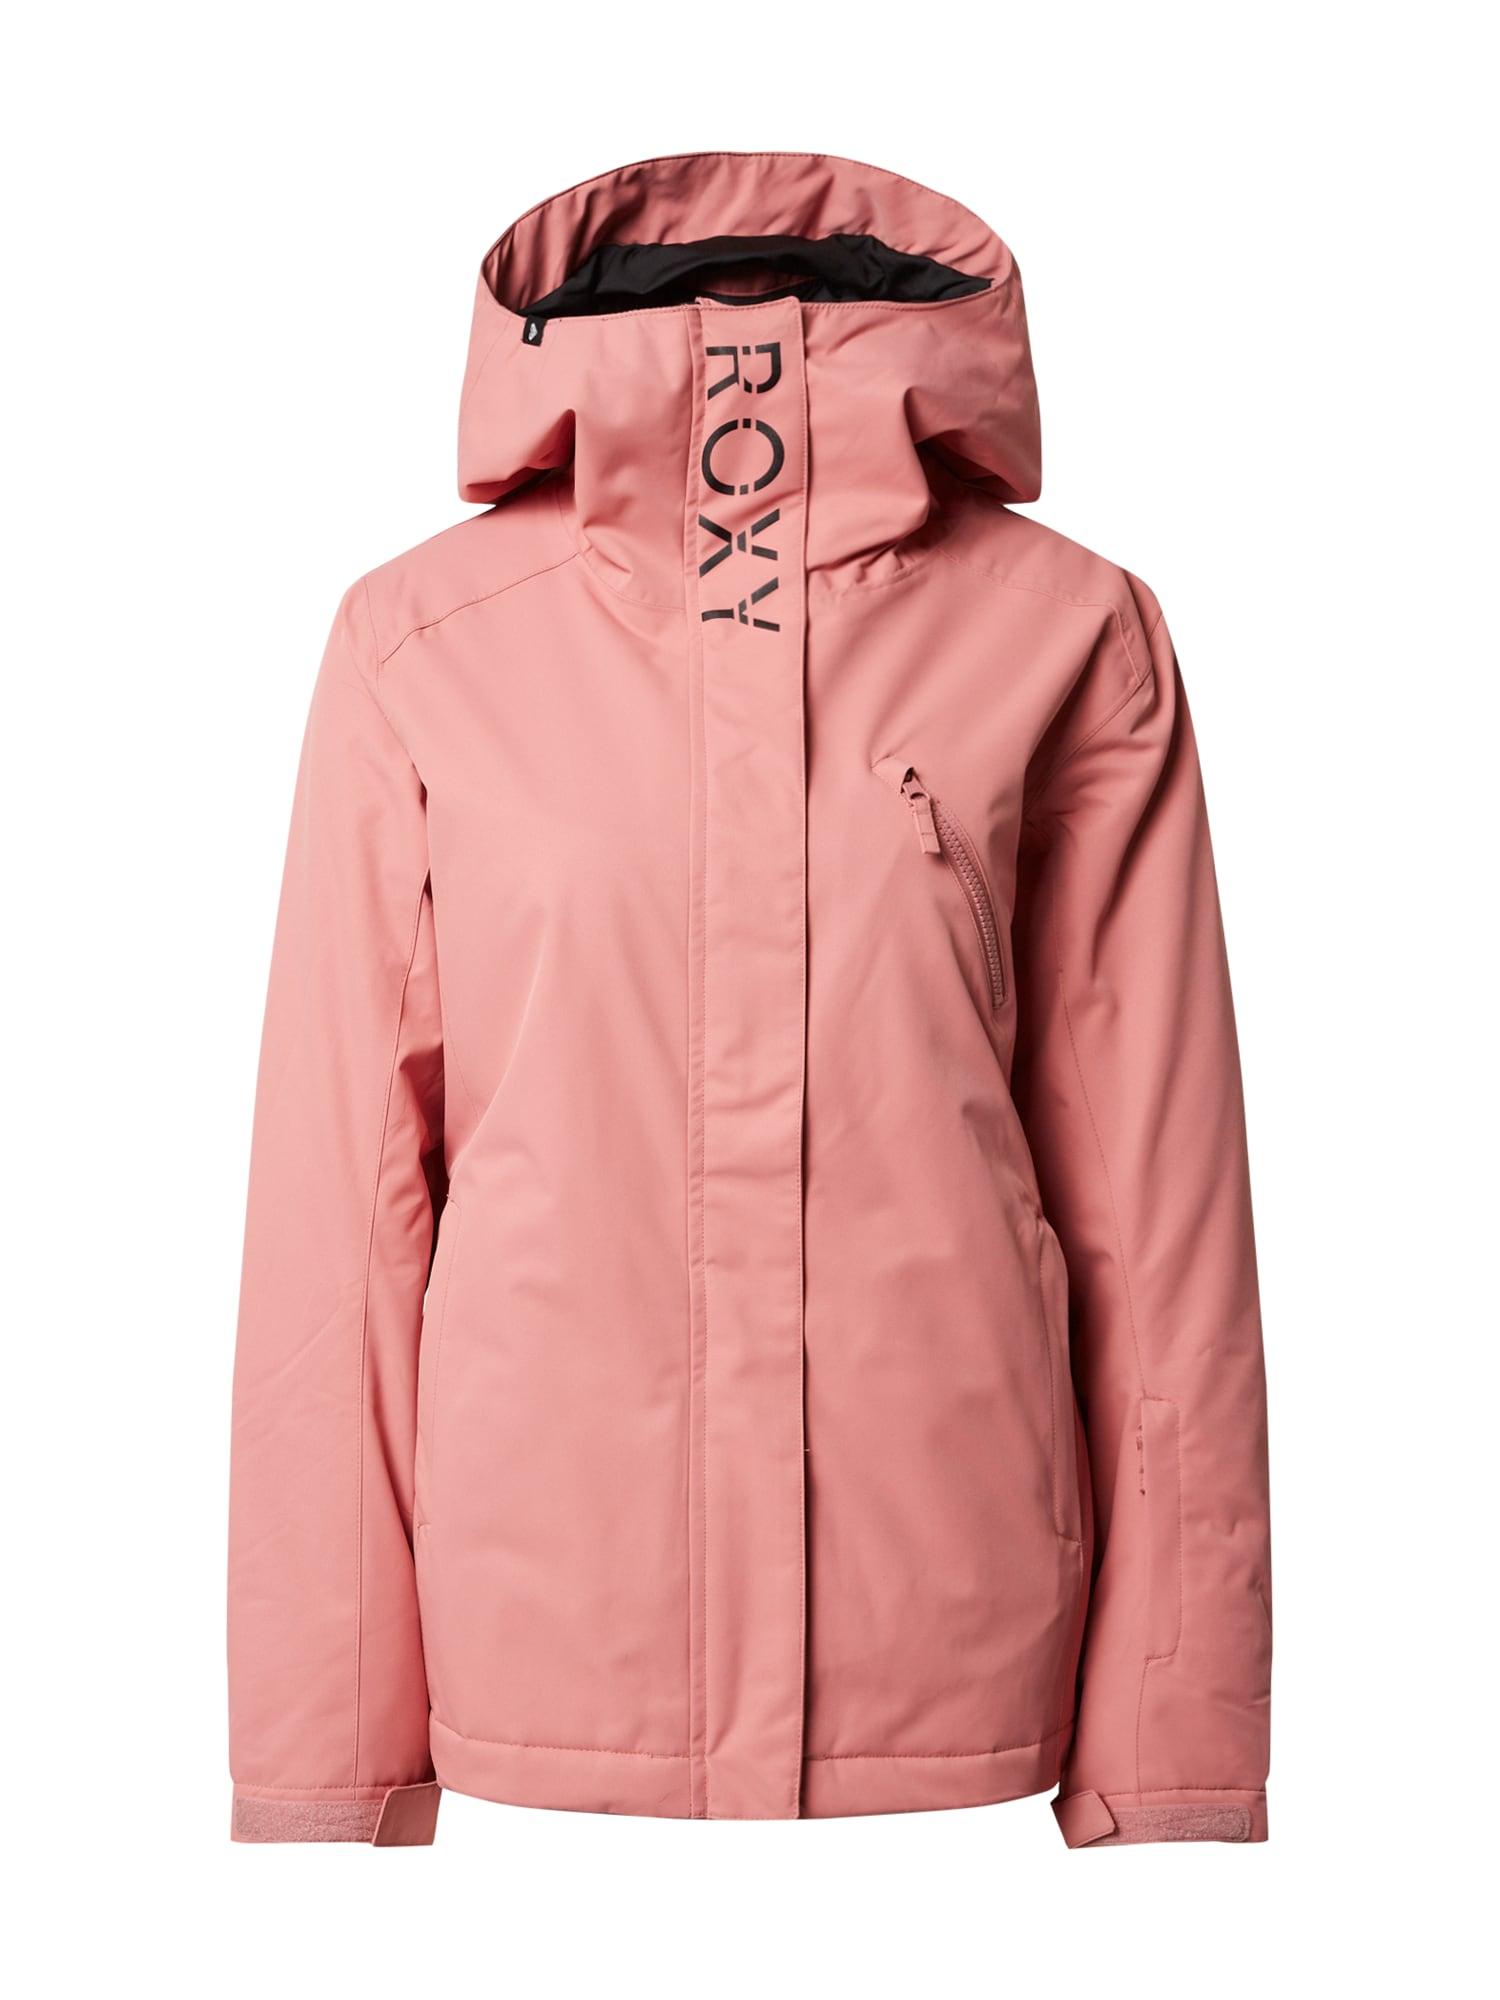 ROXY Sportinė striukė 'Galaxy' rožių spalva